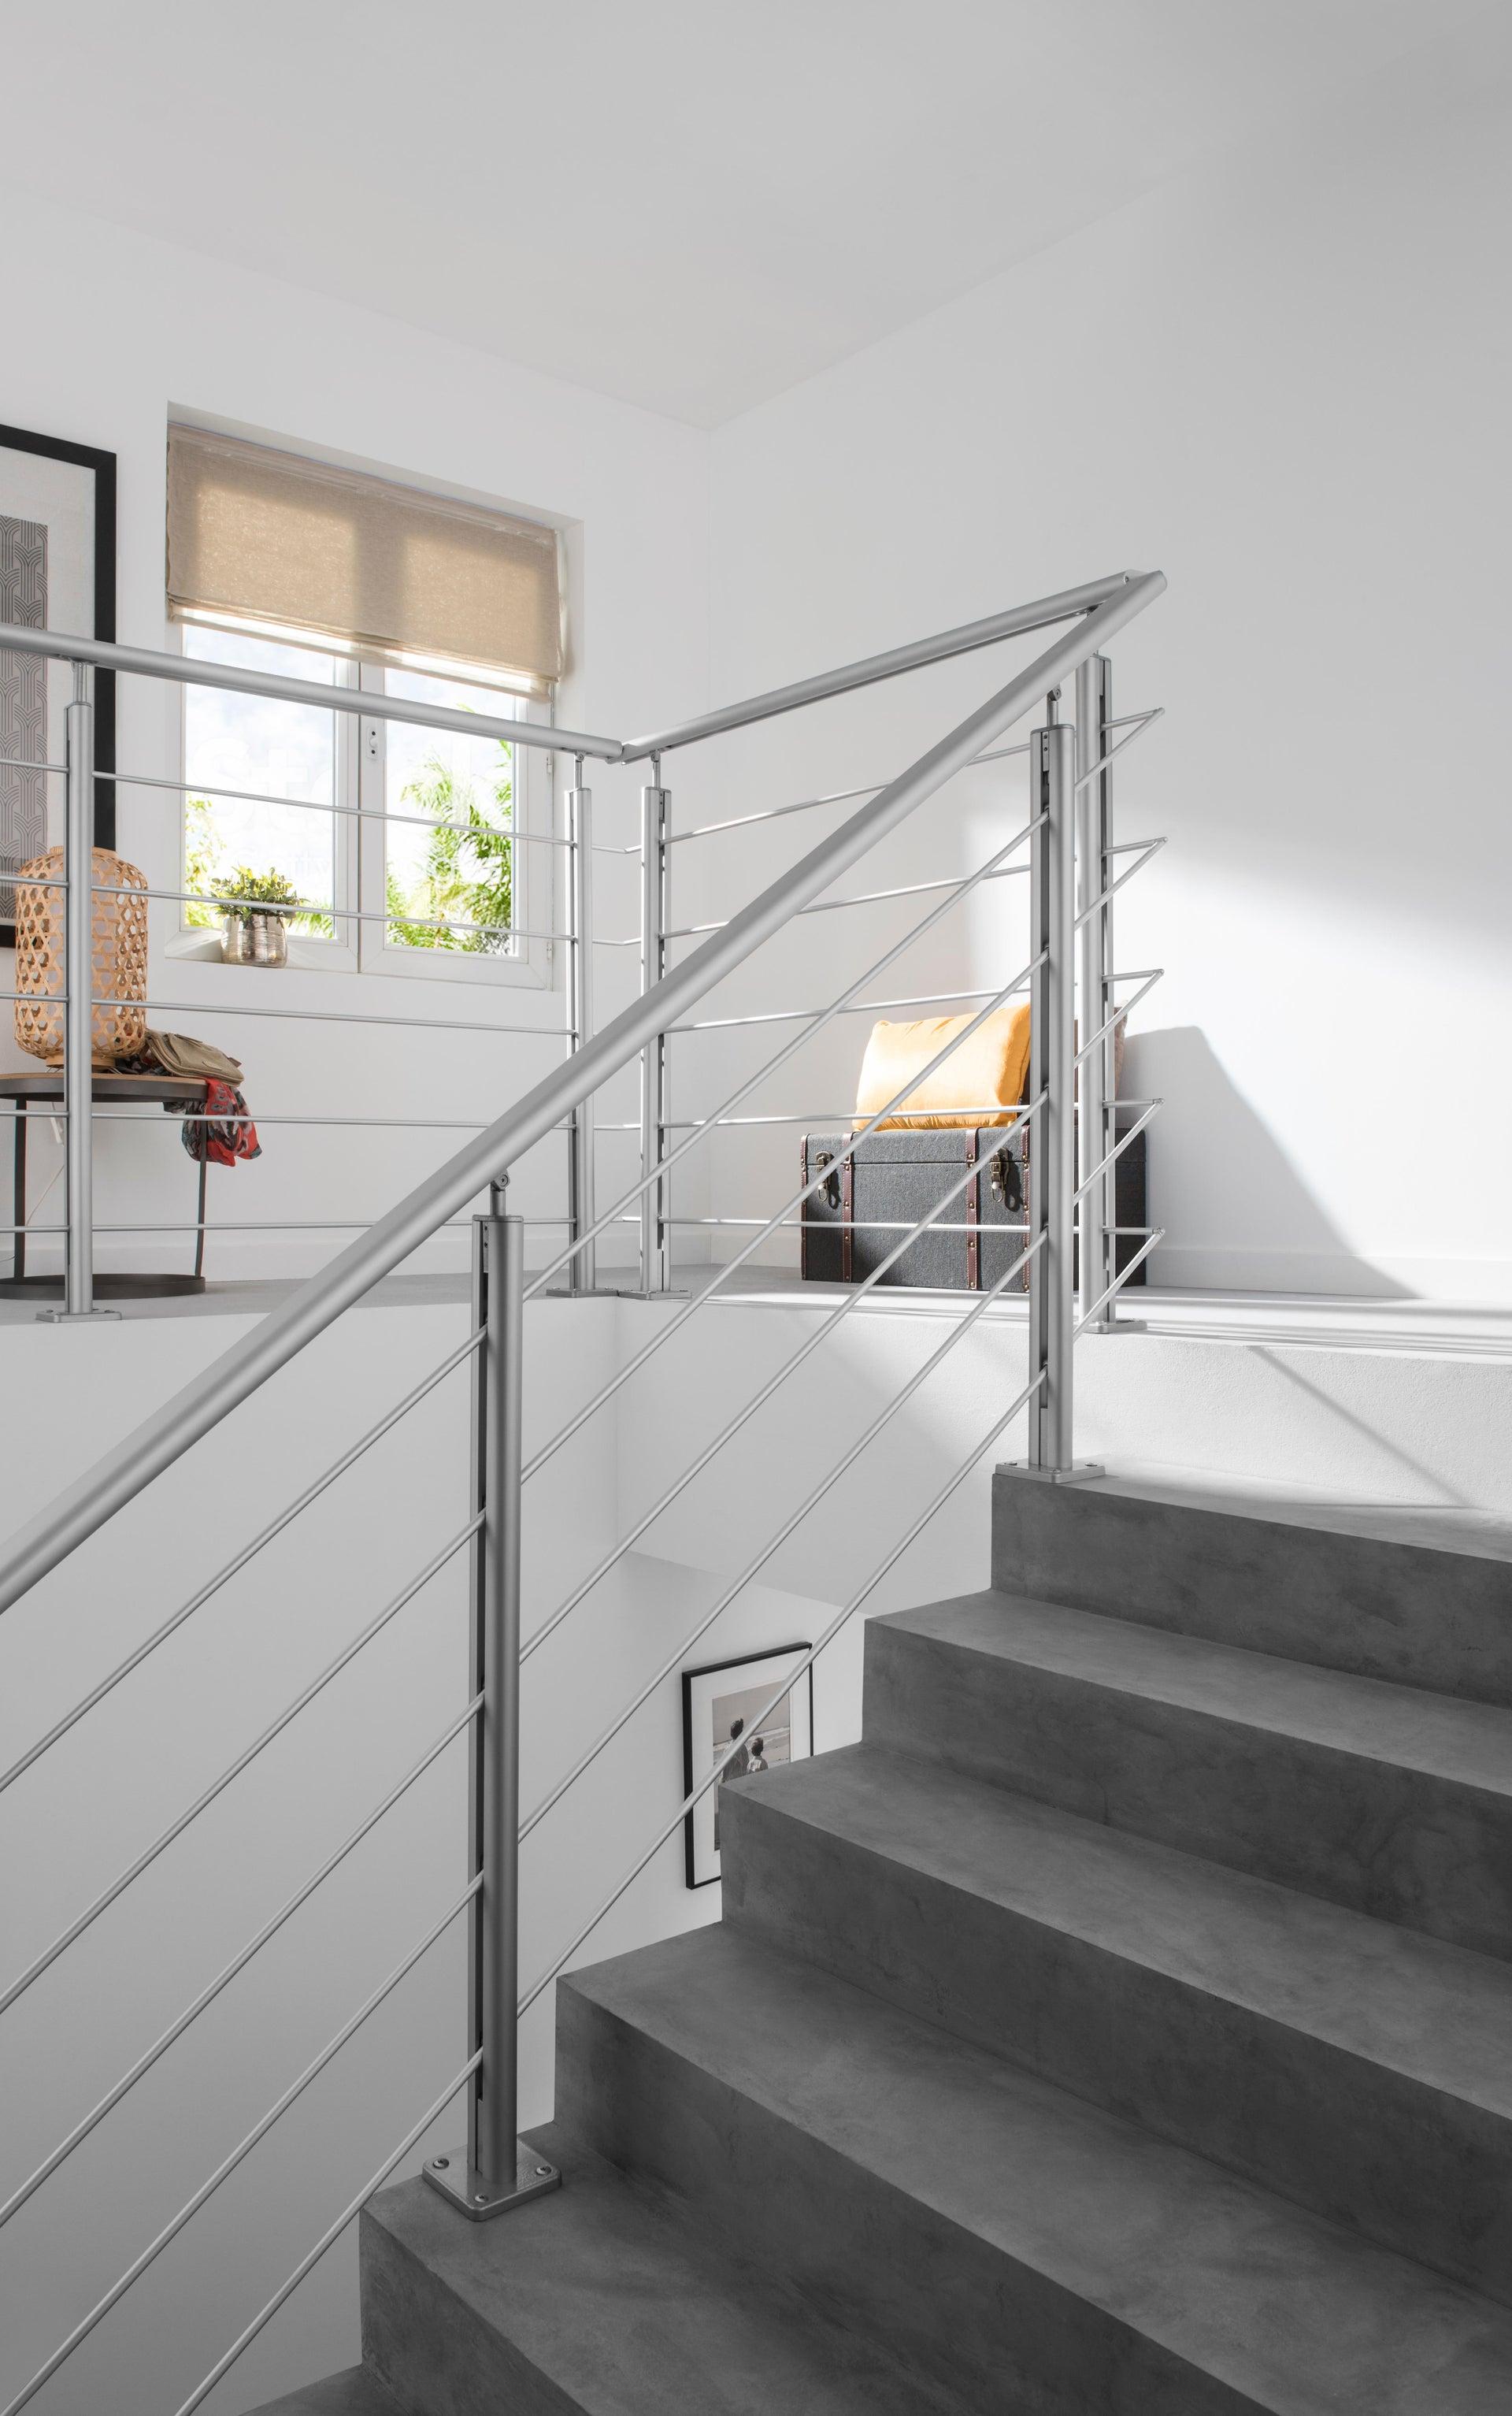 Balaustra ARTENS in alluminio L 200 x H 100 cm grigio - 11